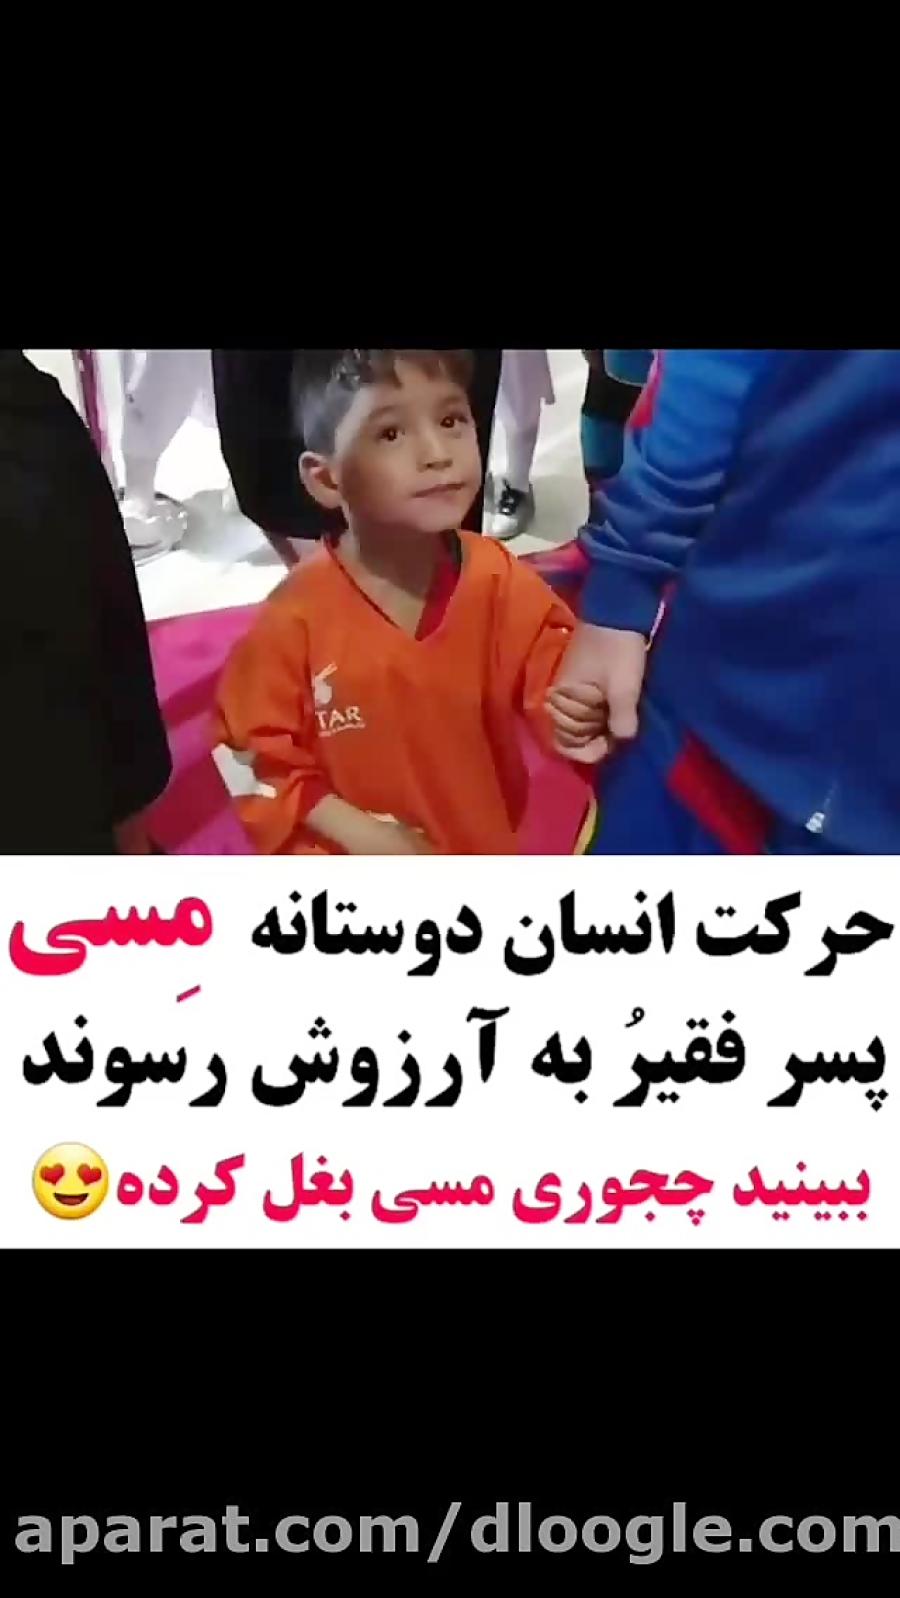 حمایت مسی از کودک فقیر